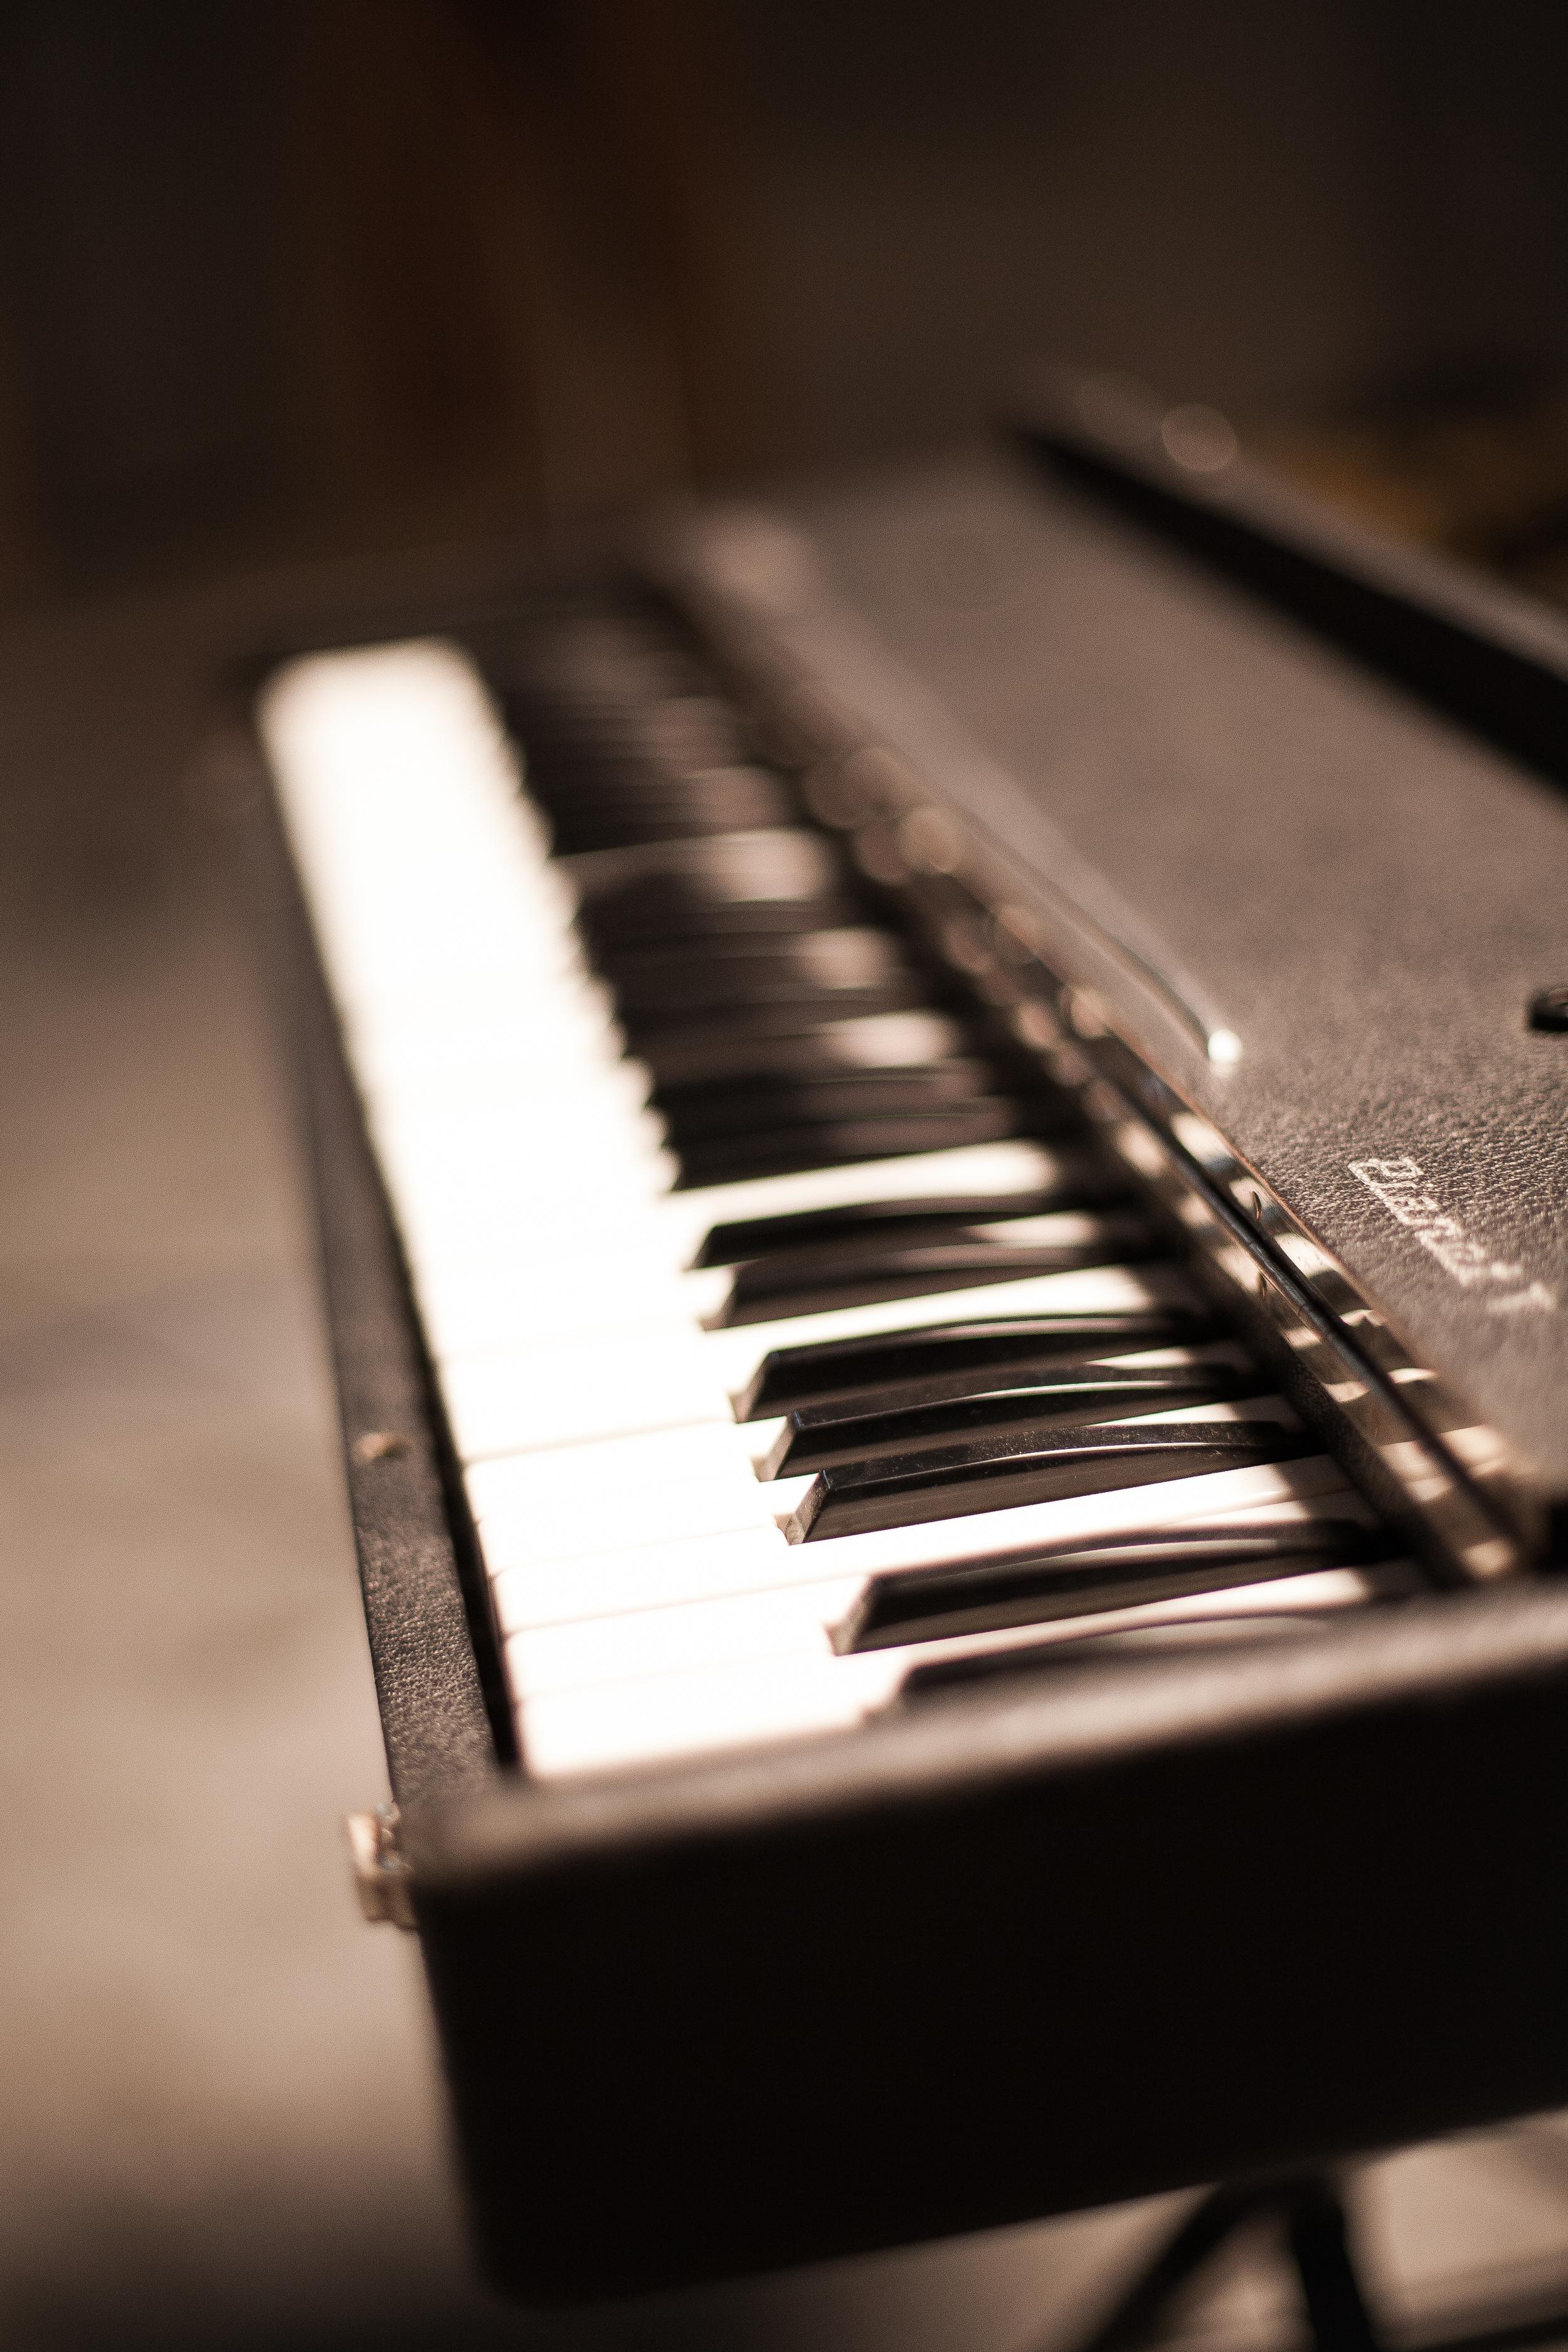 Pianette